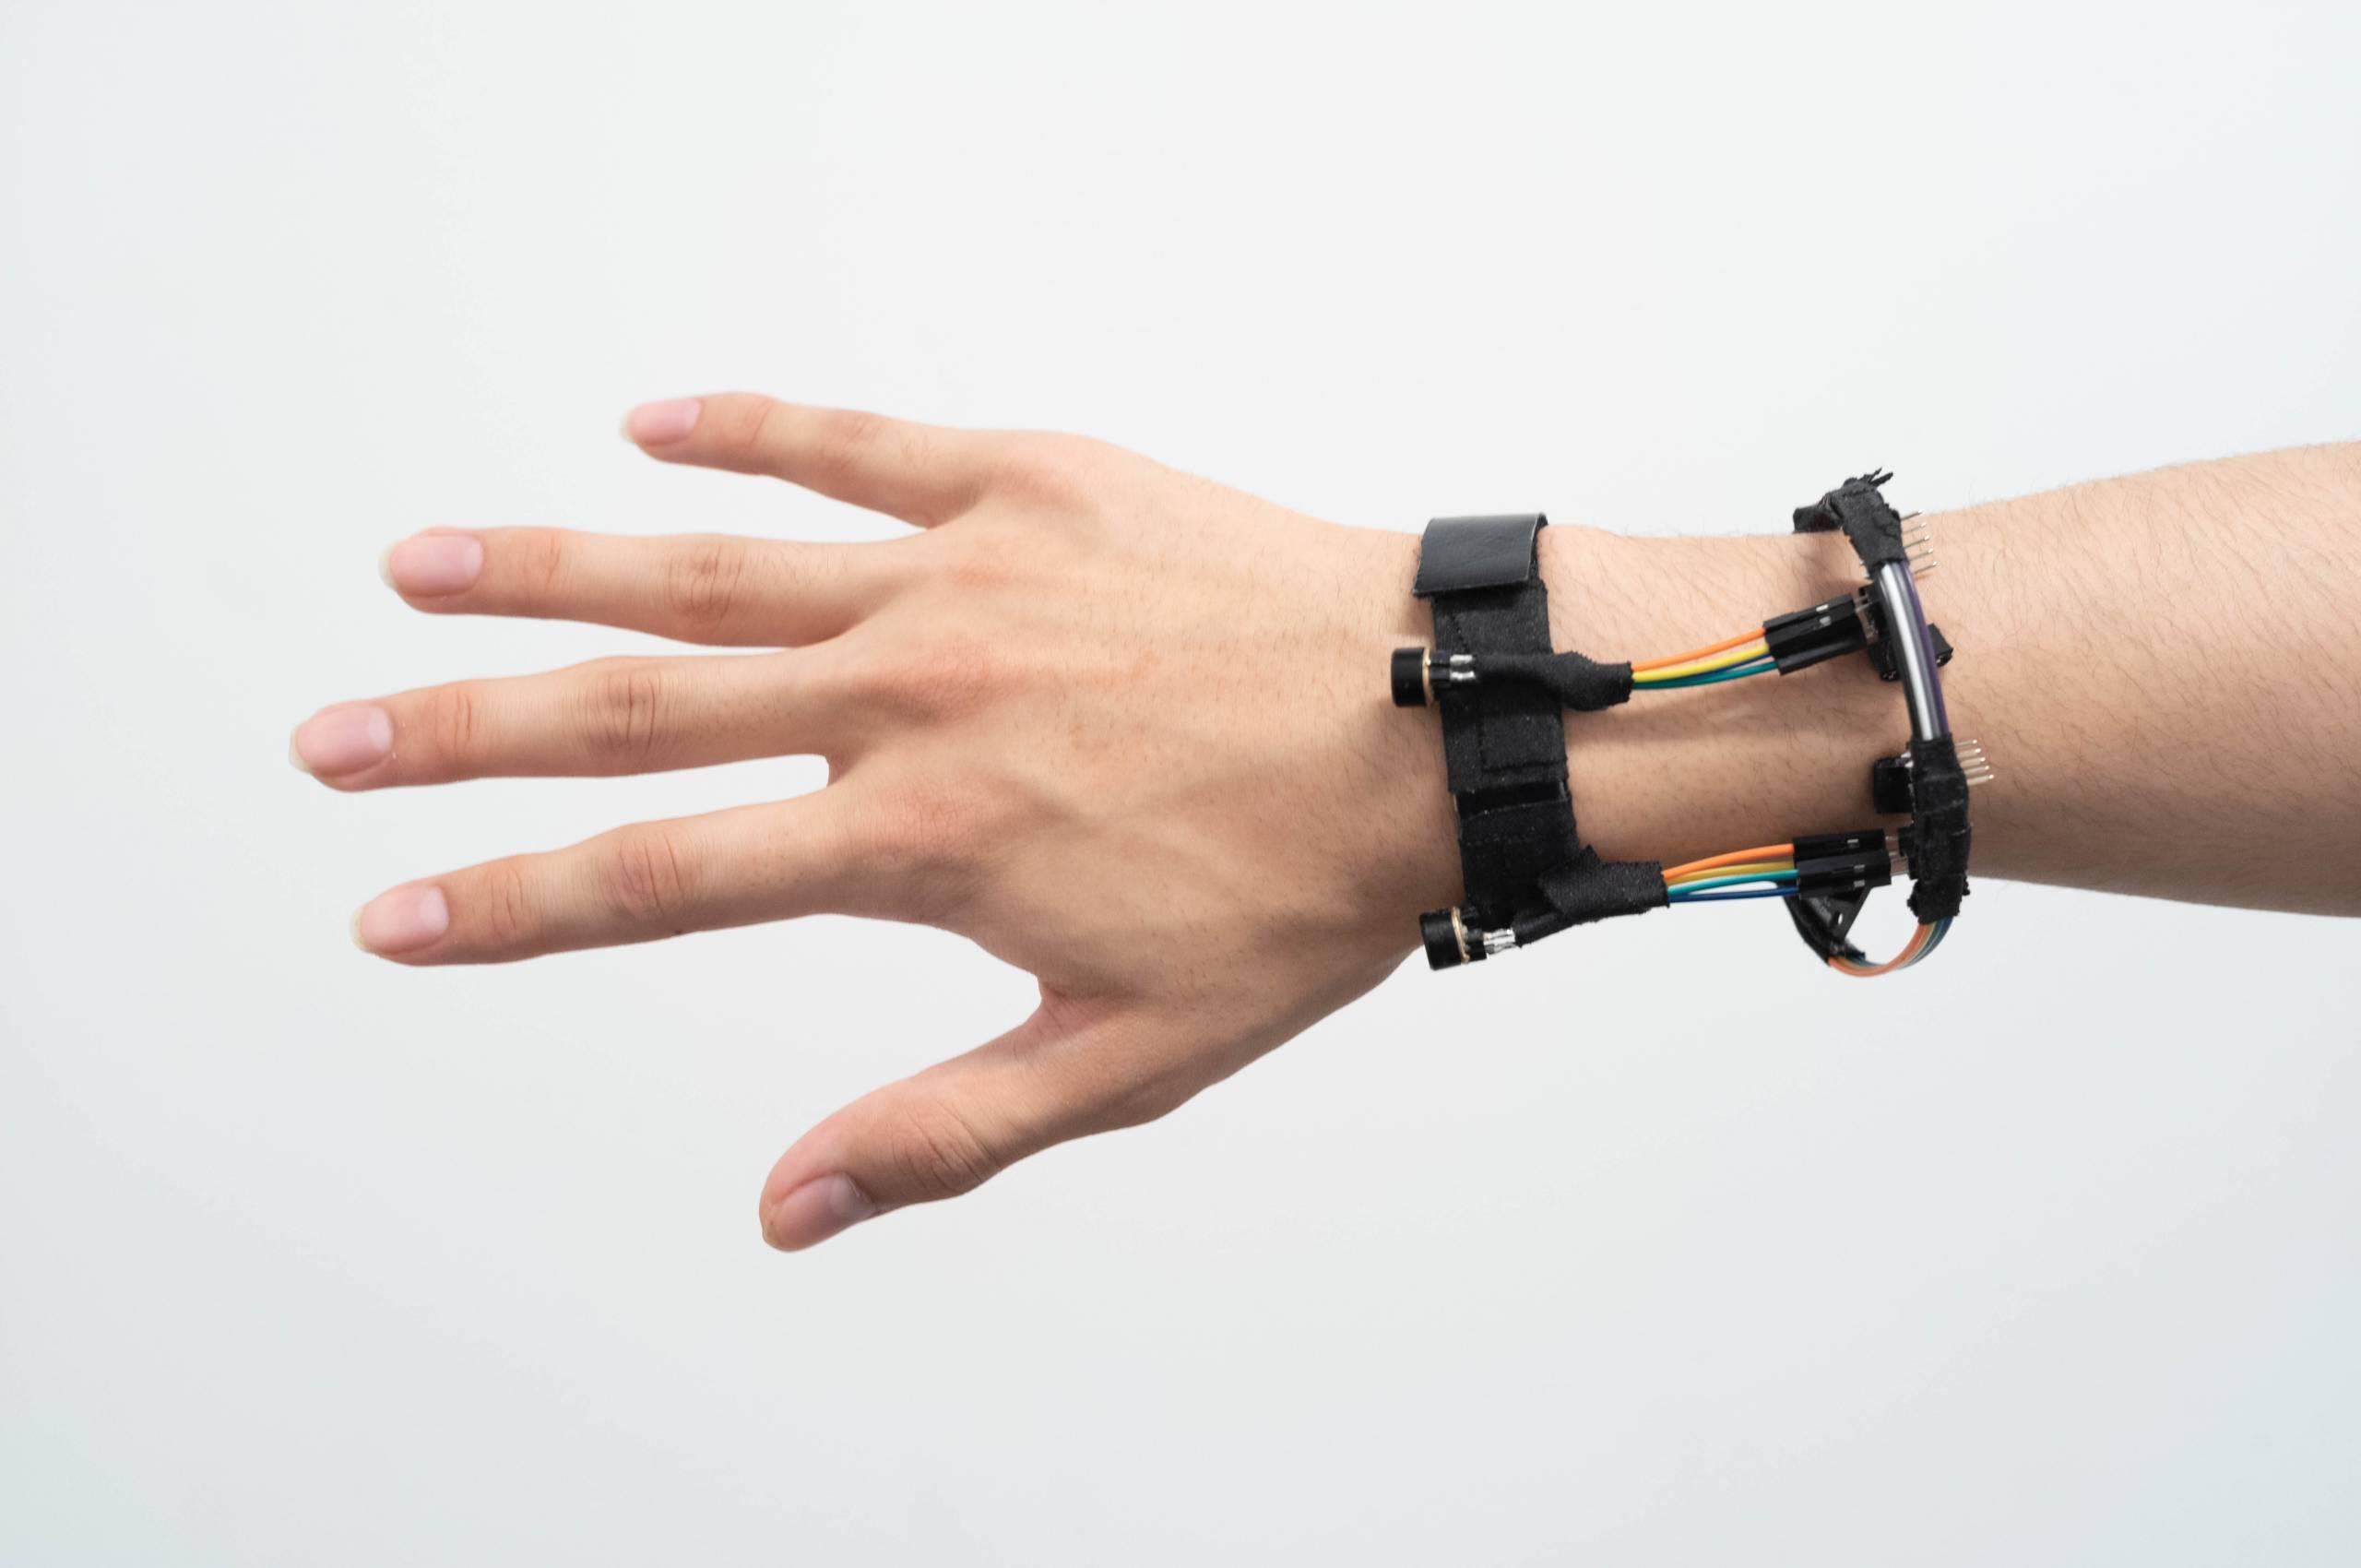 The FingerTrak bracelet